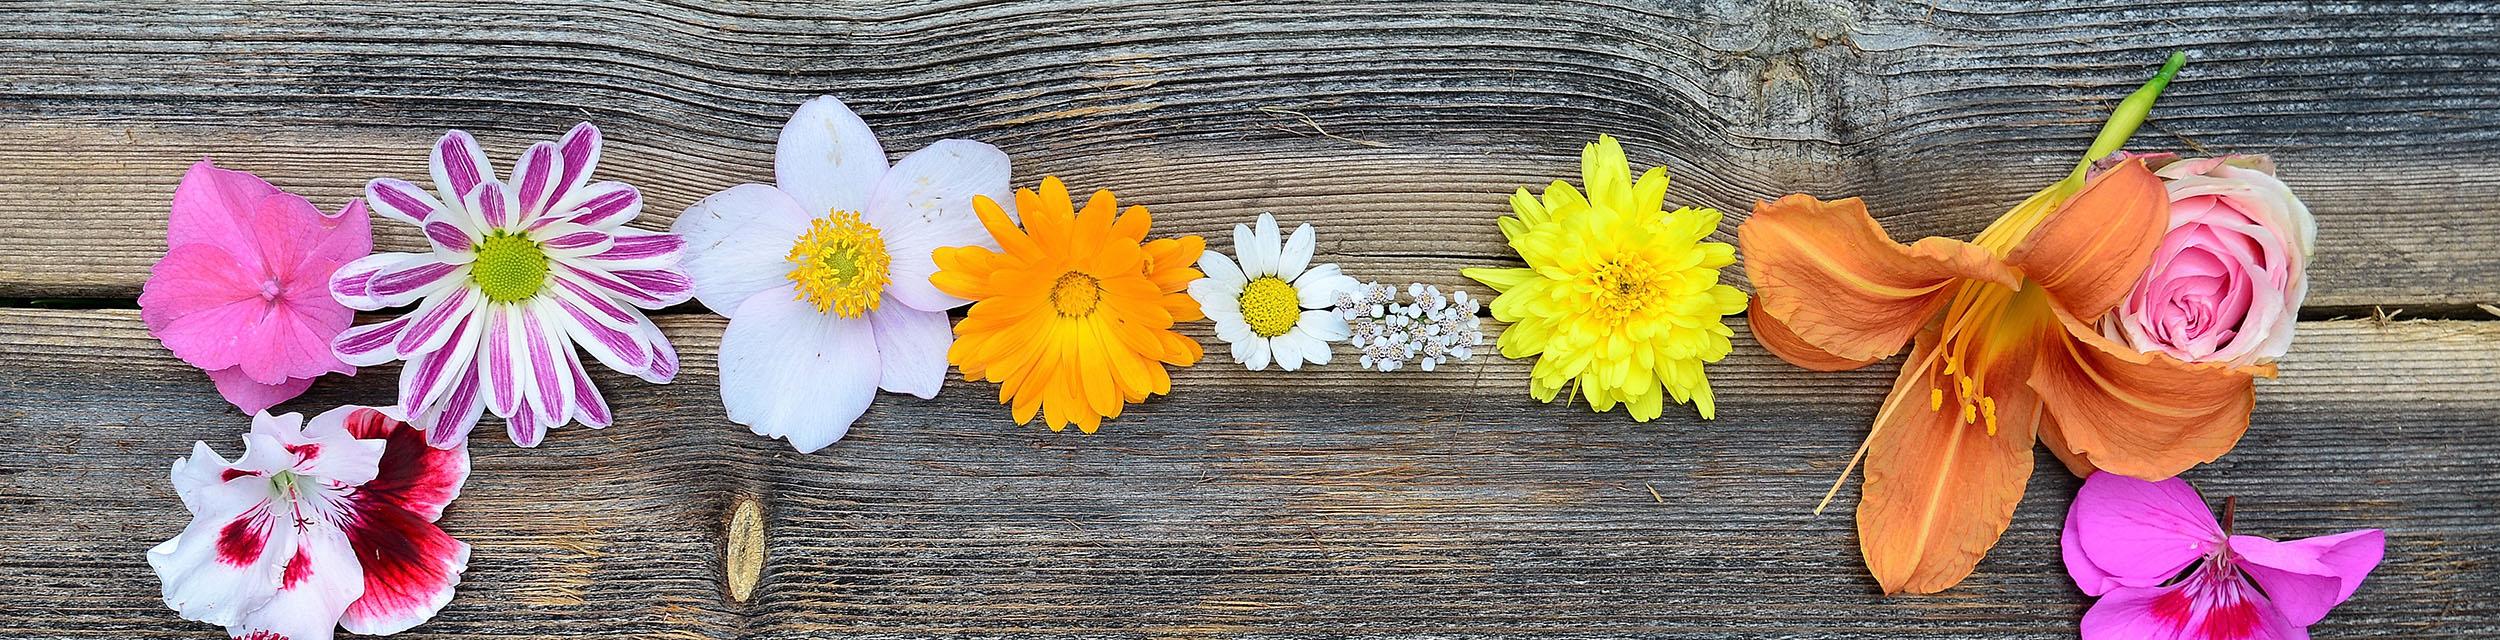 Blüten auf Holz Hintergrund